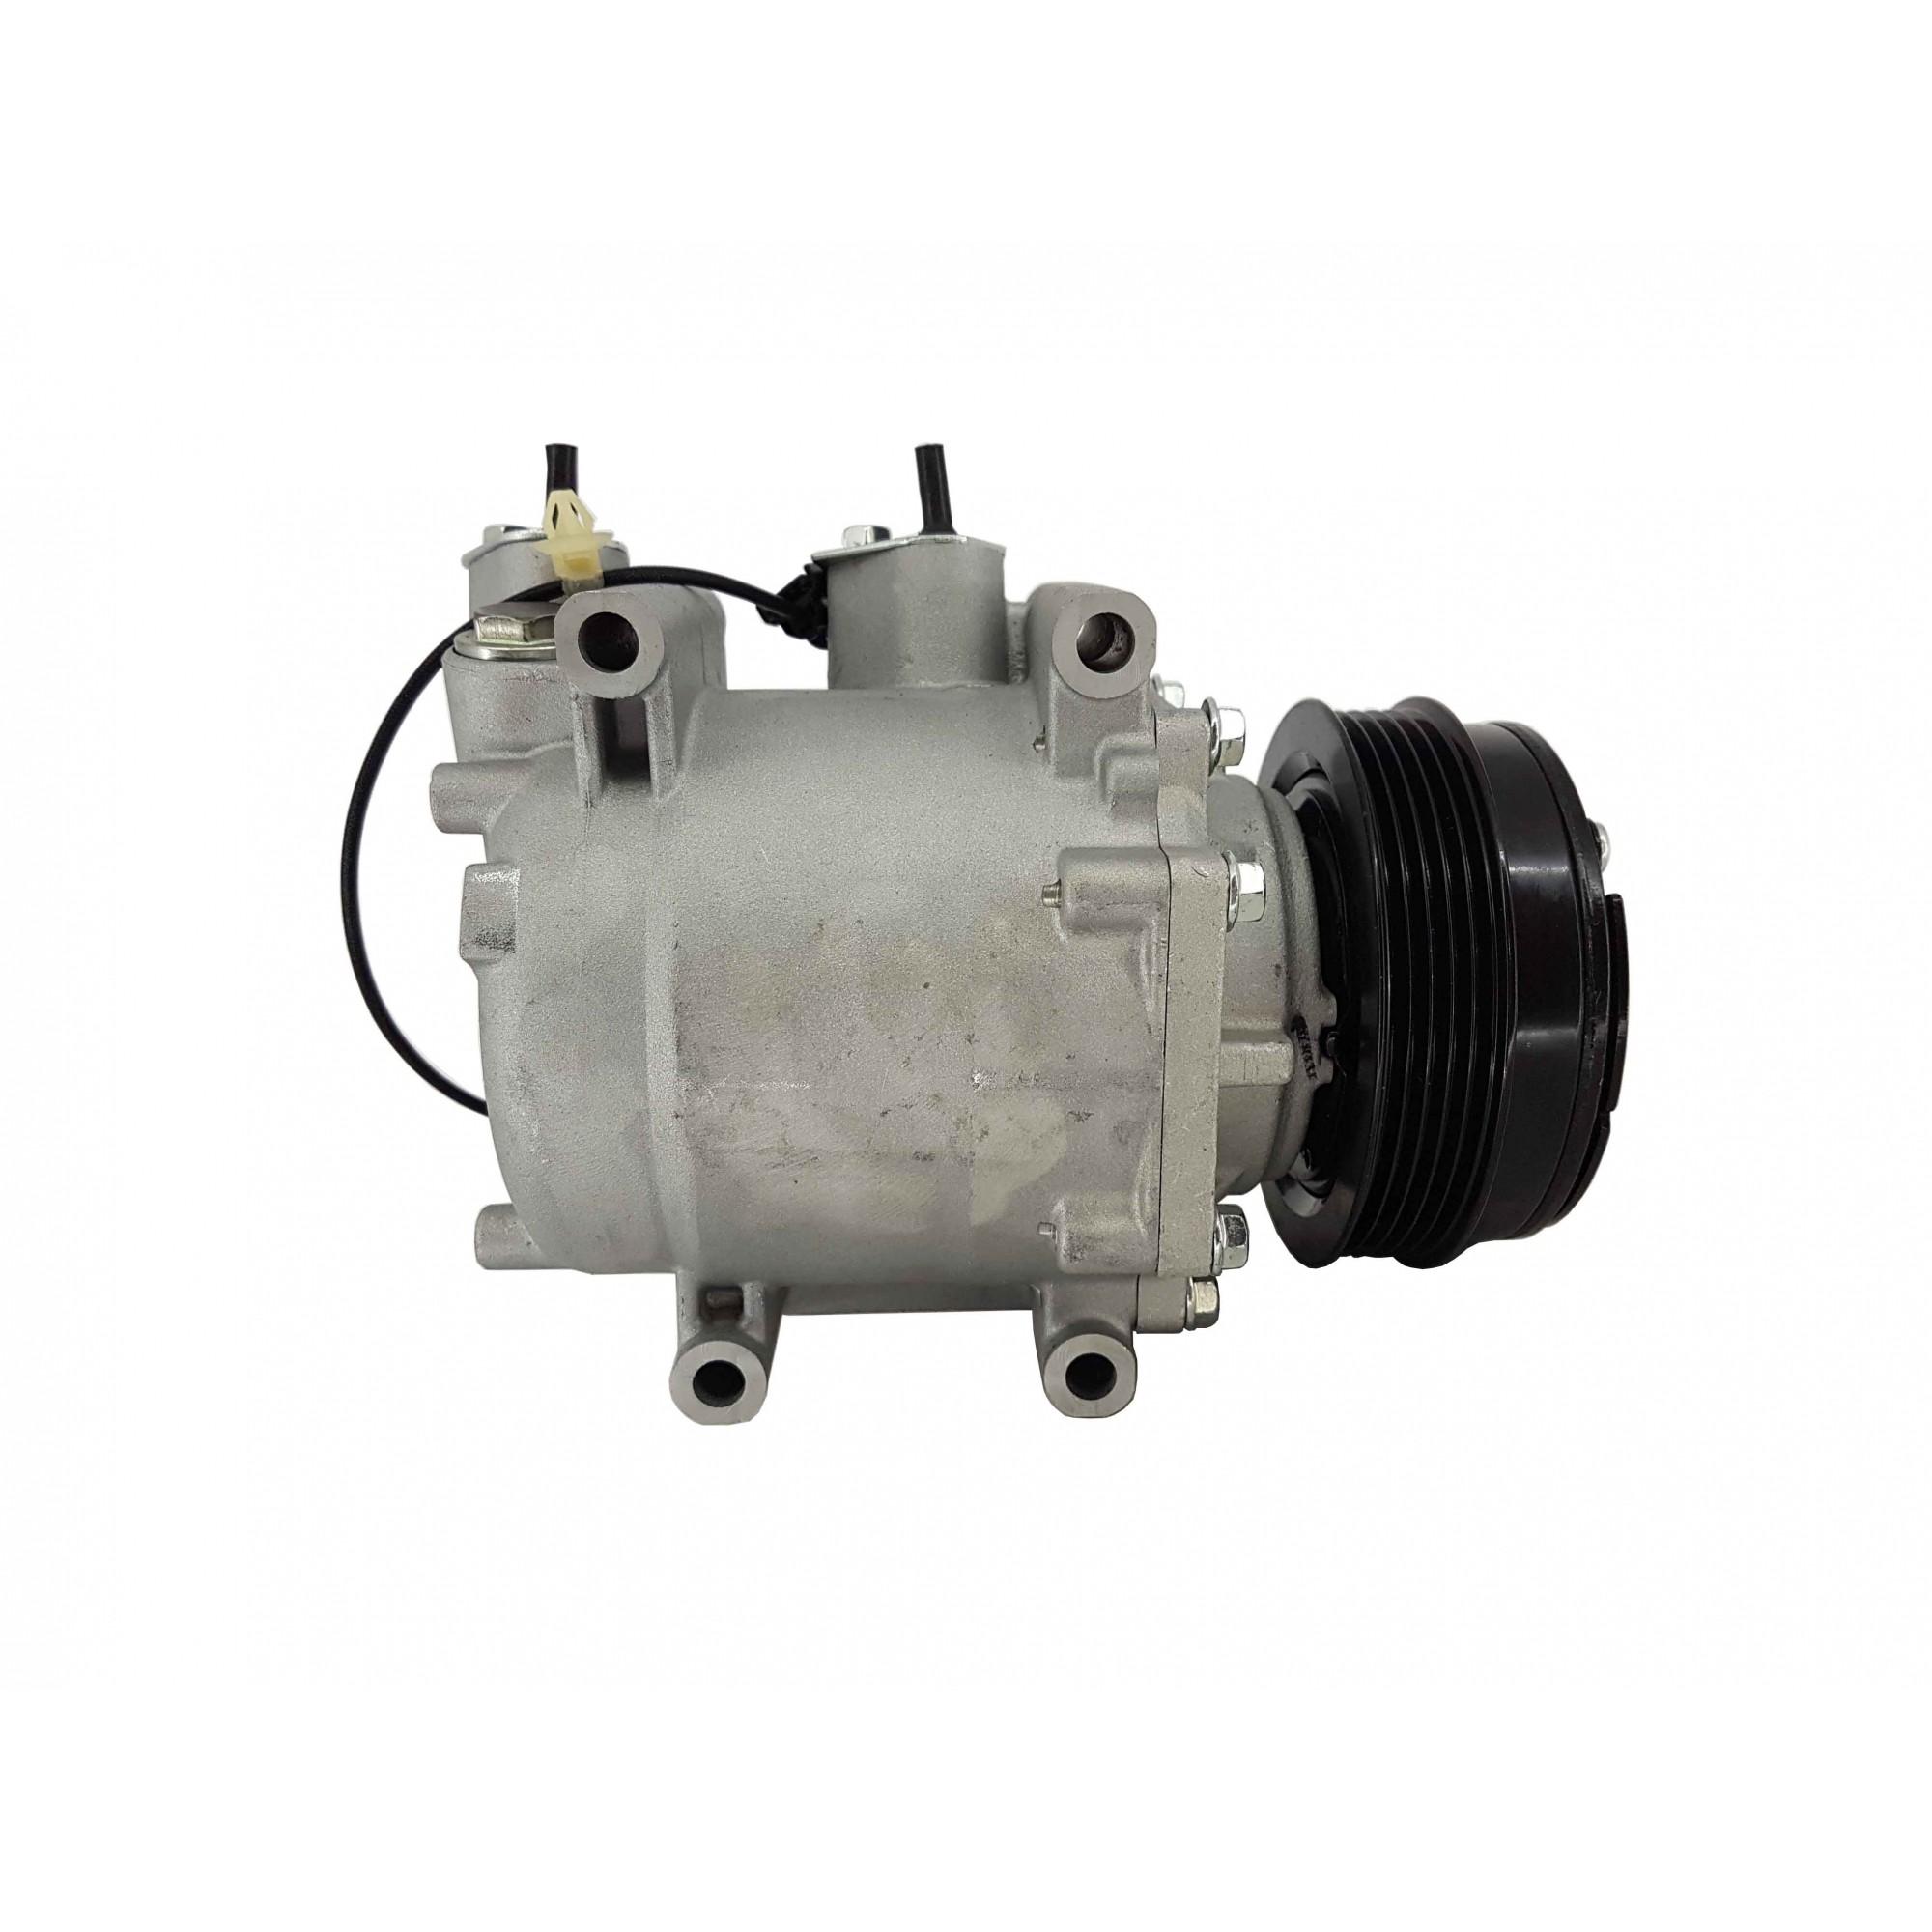 Compressor Honda Fit 2008 / City 2010 - Original DELPHI